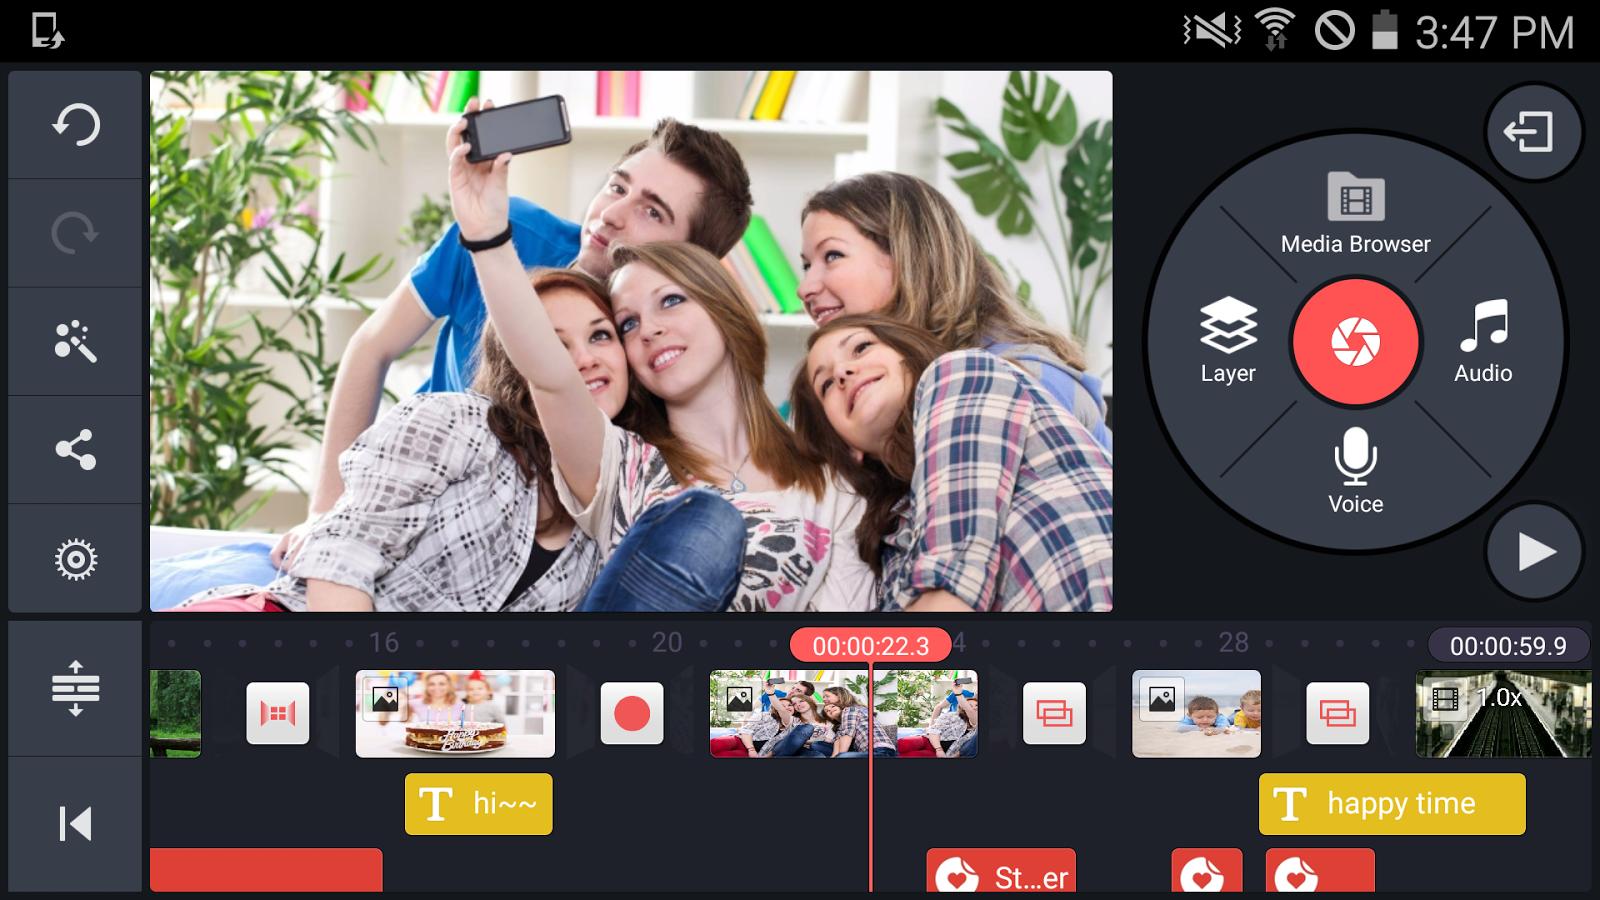 دانلود KineMaster Pro  برای اندروید؛ حرفهای ترین ویرایشگر فیلم گوشیهای هوشمند